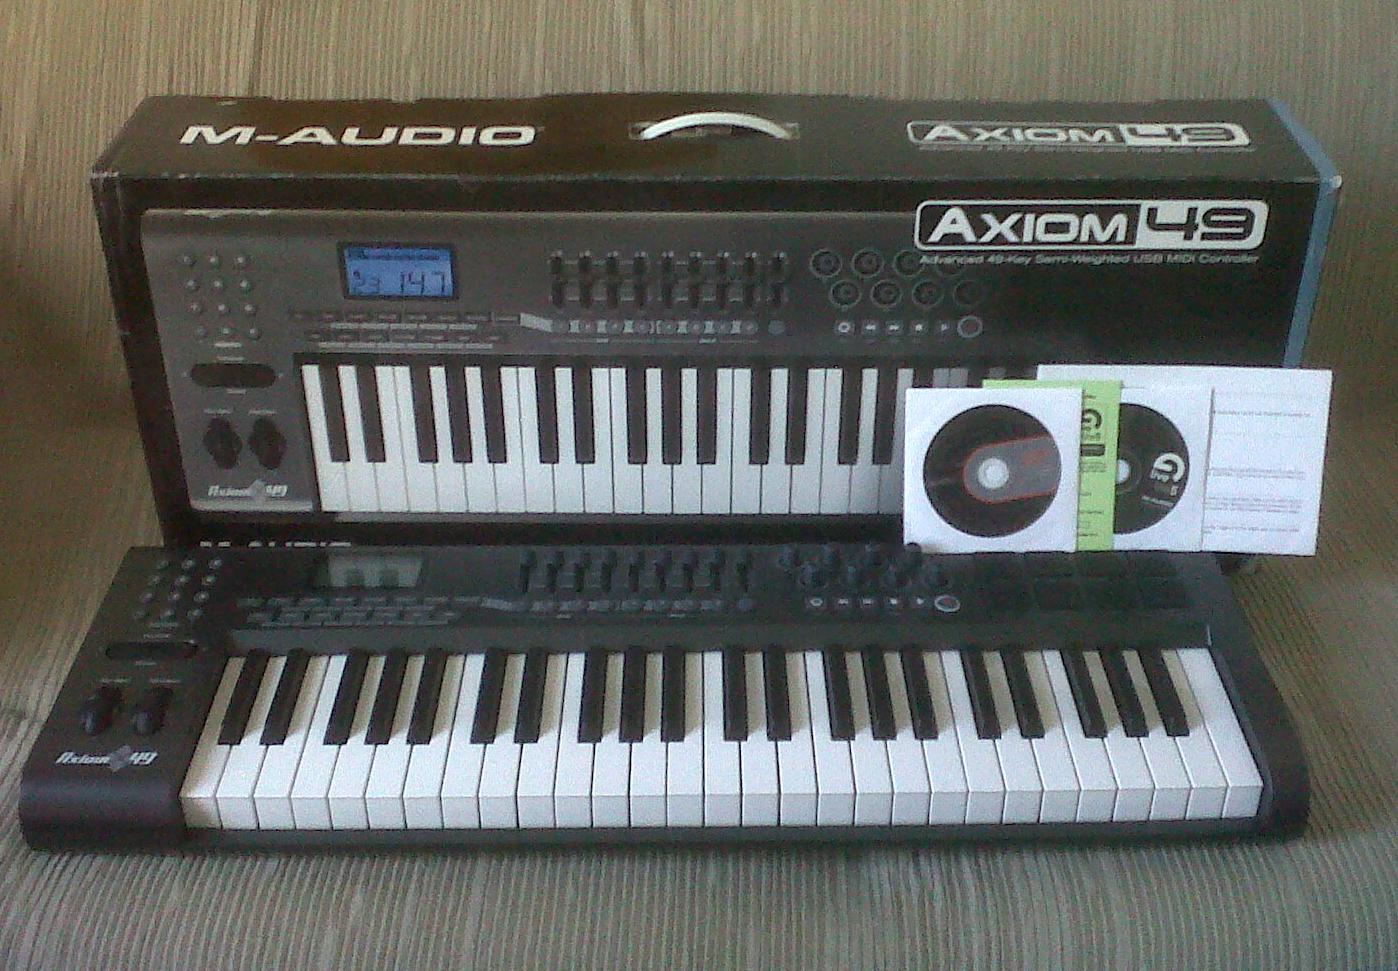 m audio axiom 49 image 327739 audiofanzine rh en audiofanzine com m-audio axiom 49 user manual Axiom 52